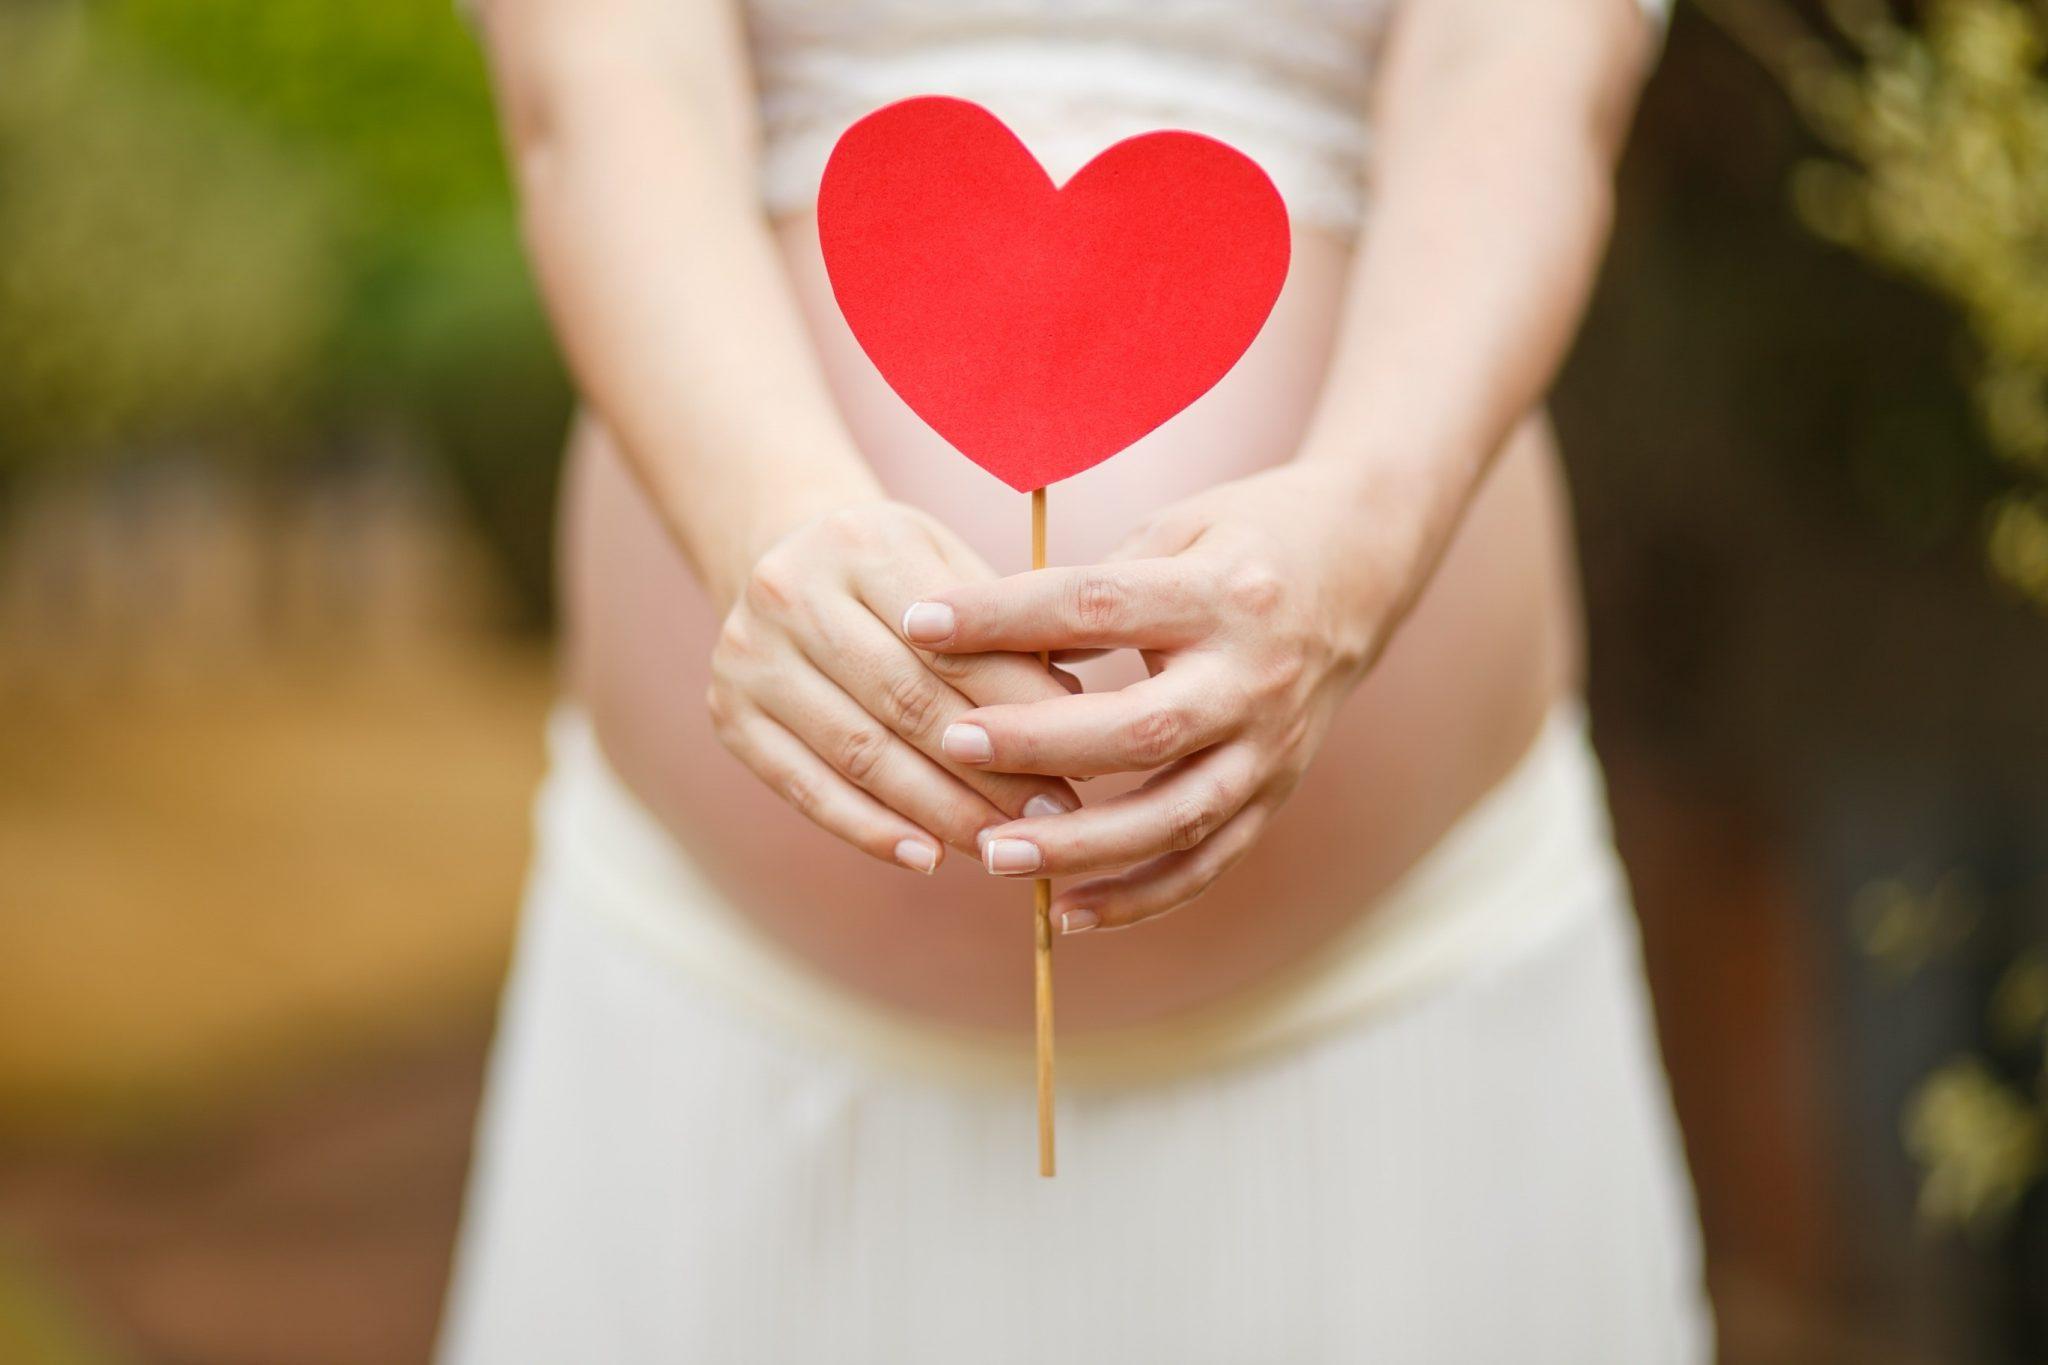 דיקור סיני לפוריות, הריון ו IVF